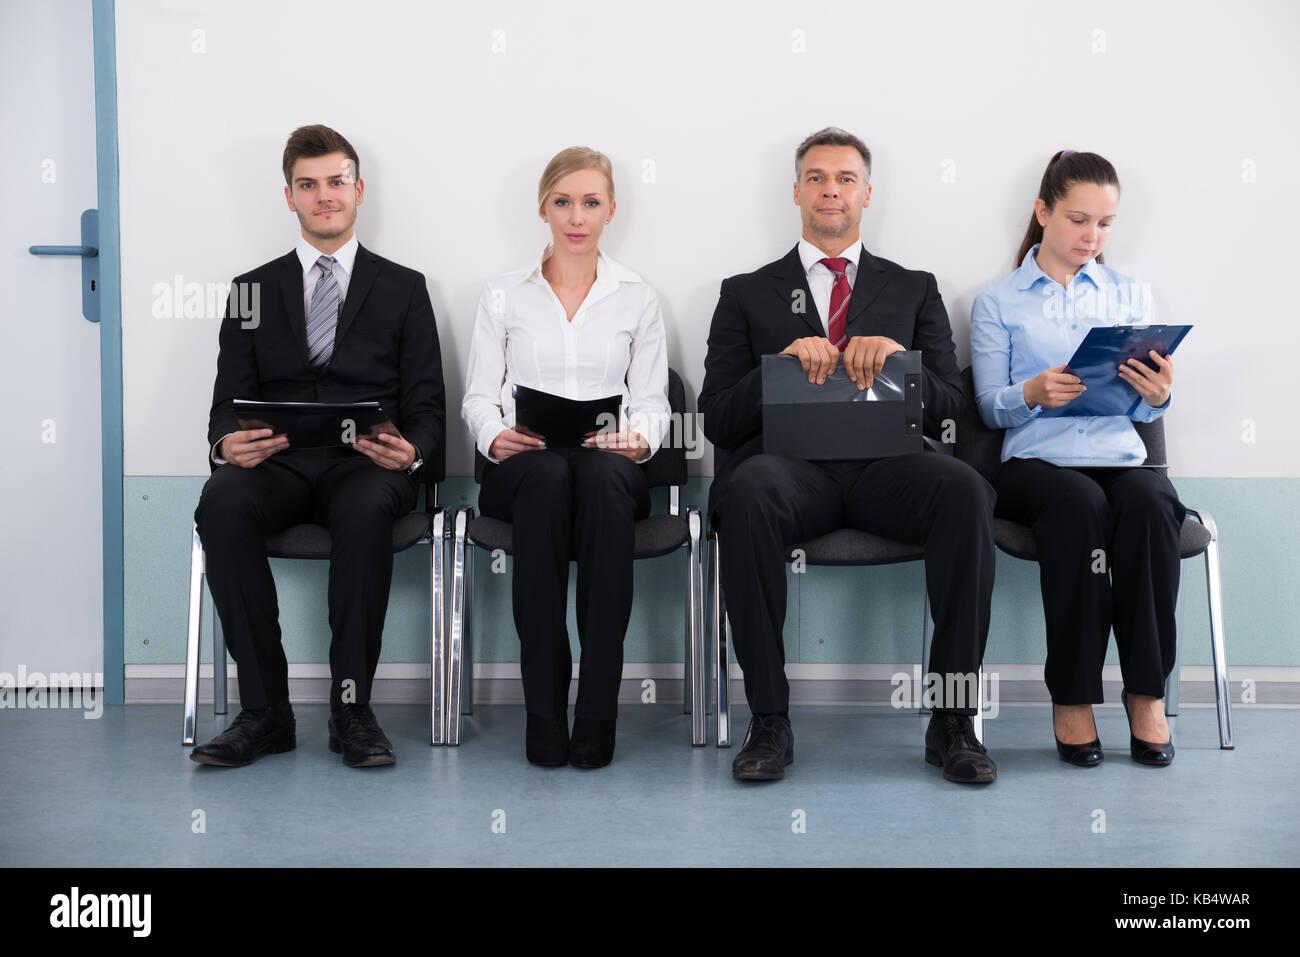 Gruppe von Geschäftsleuten mit Dateien auf Lehrstuhl für das Interview Stockbild